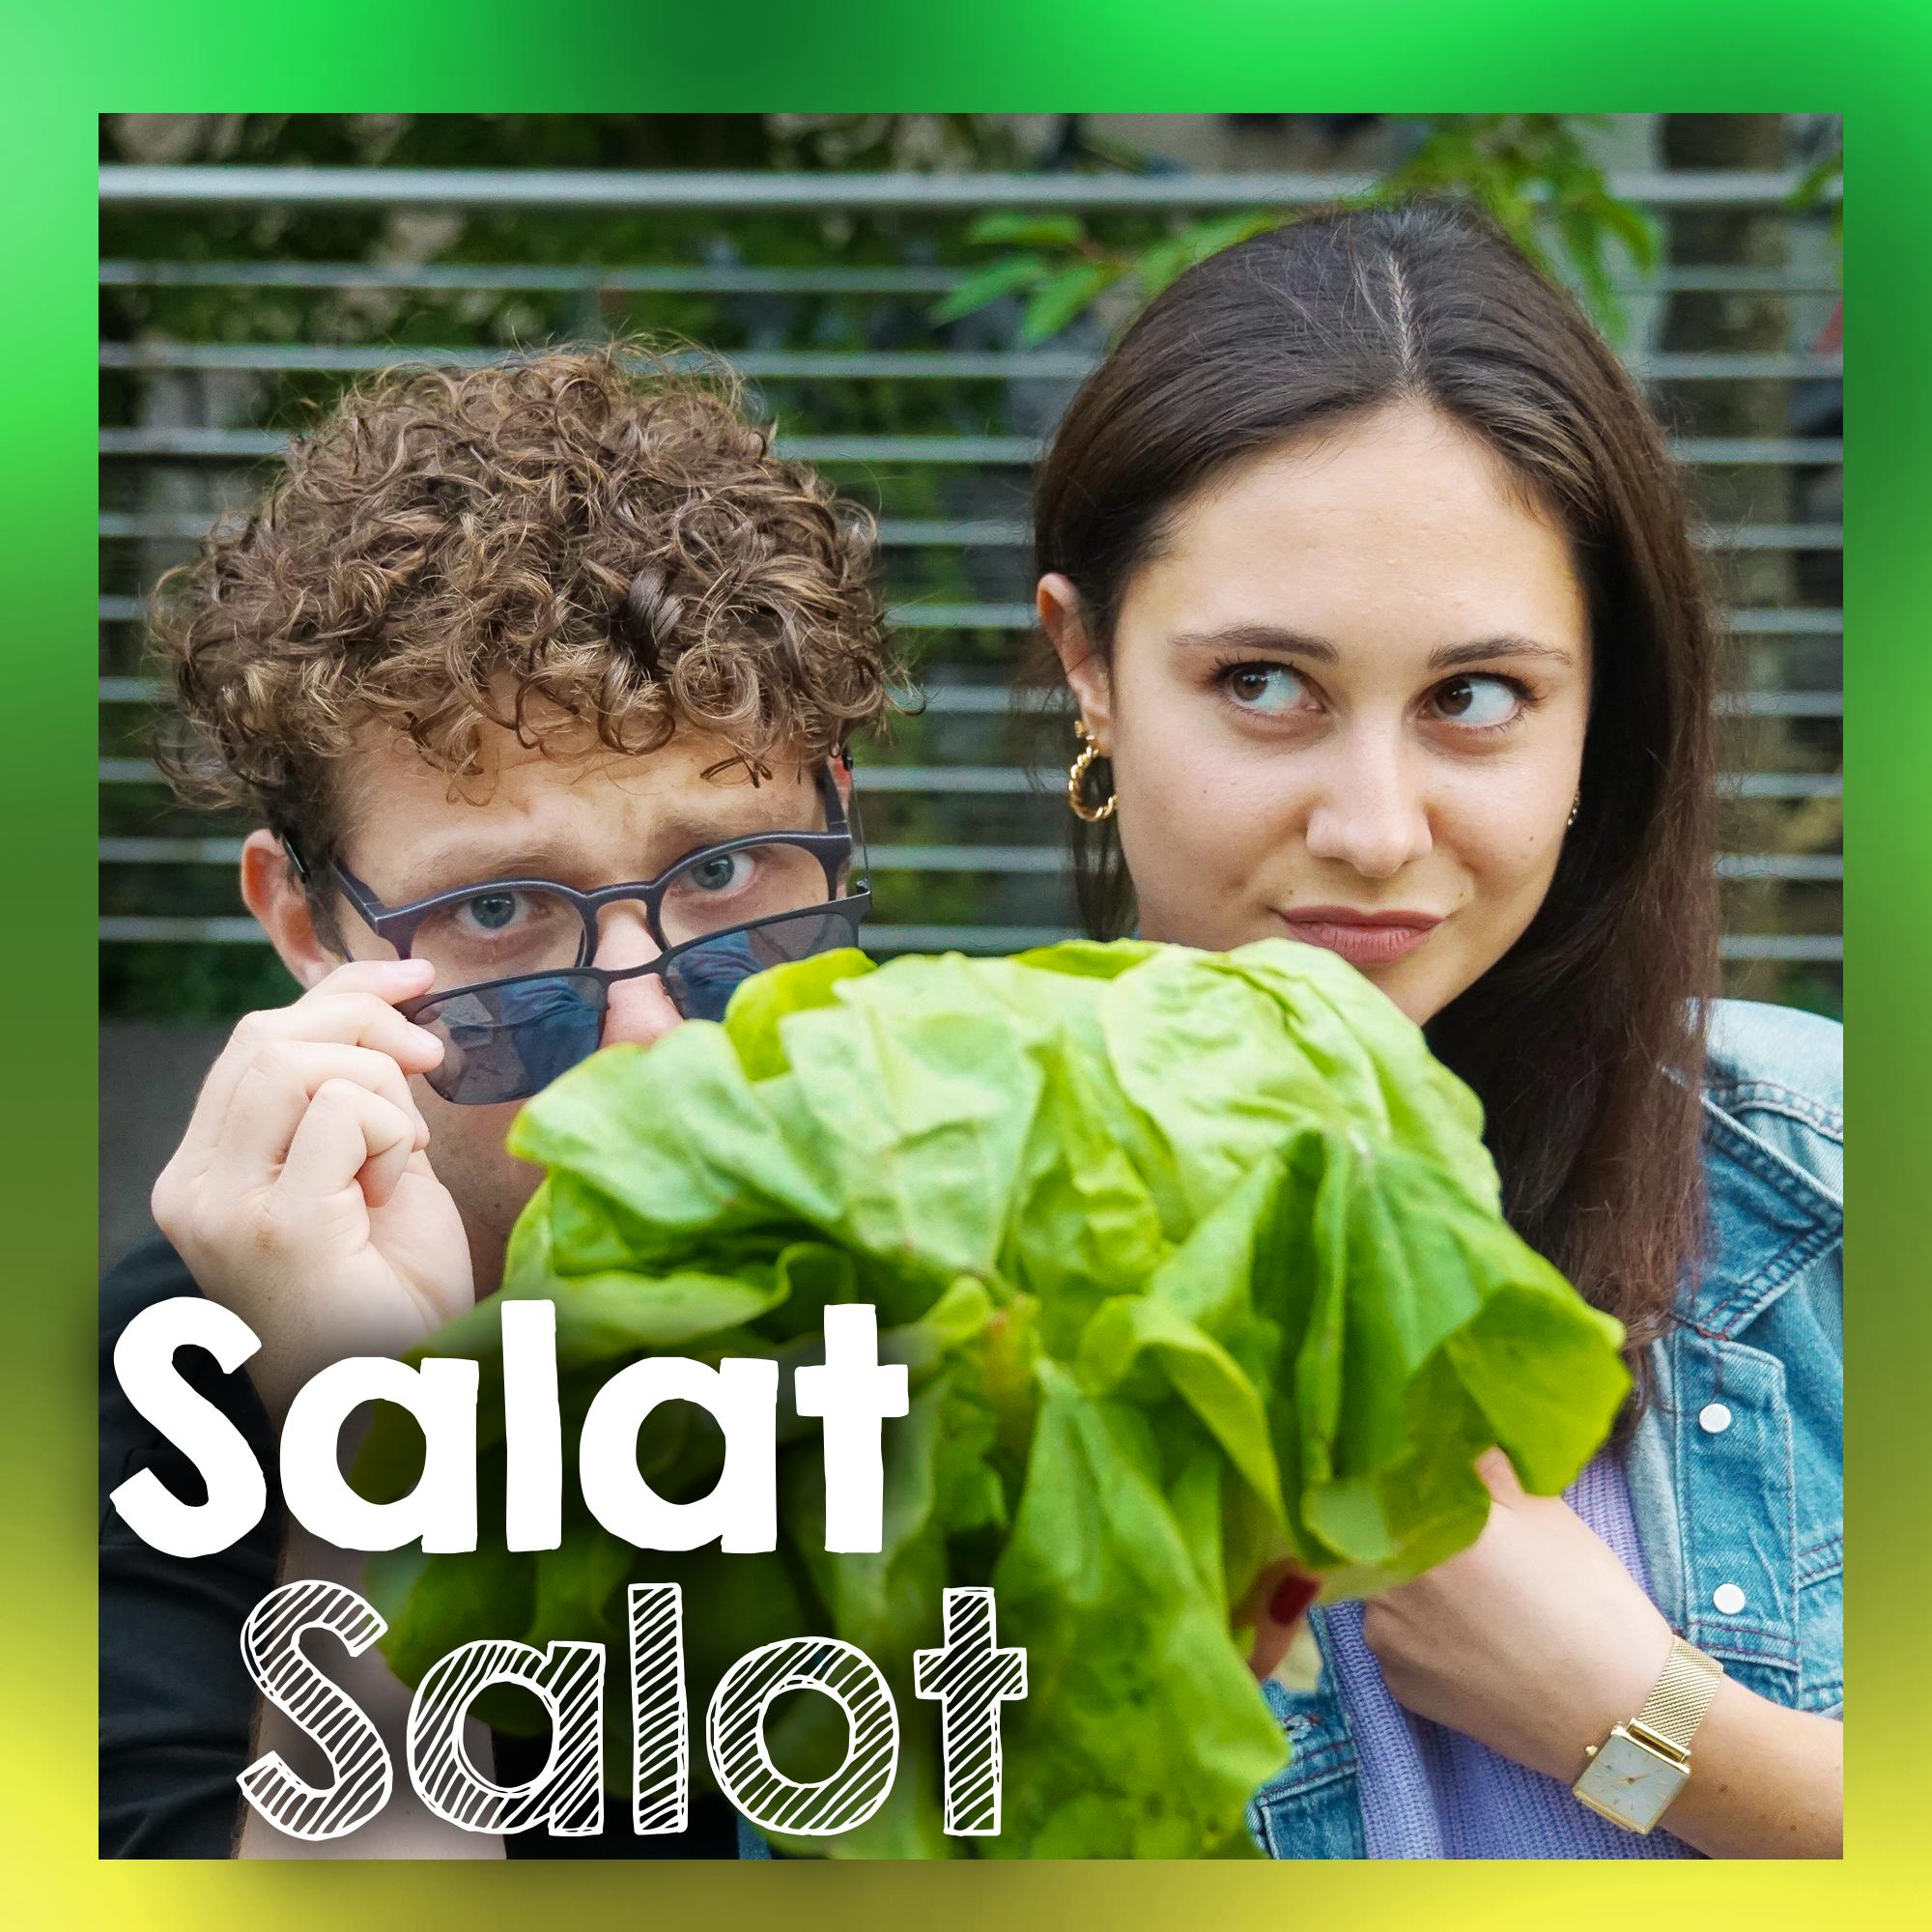 SalatSalot Cover